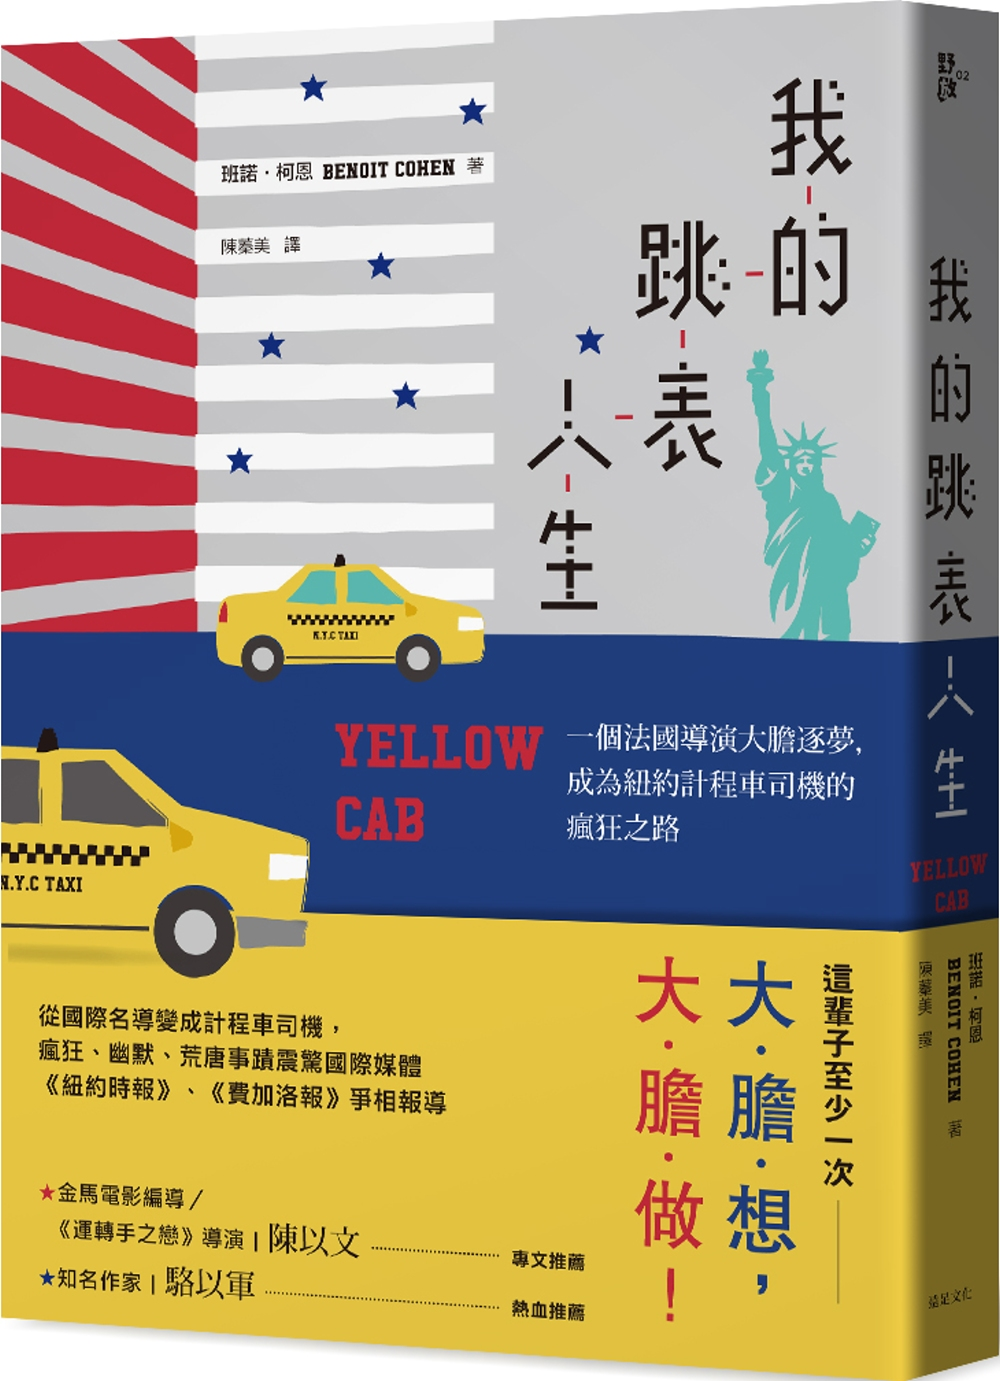 我的跳表人生:一個法國導演大膽逐夢, 成為紐約計程車司機的瘋狂之路